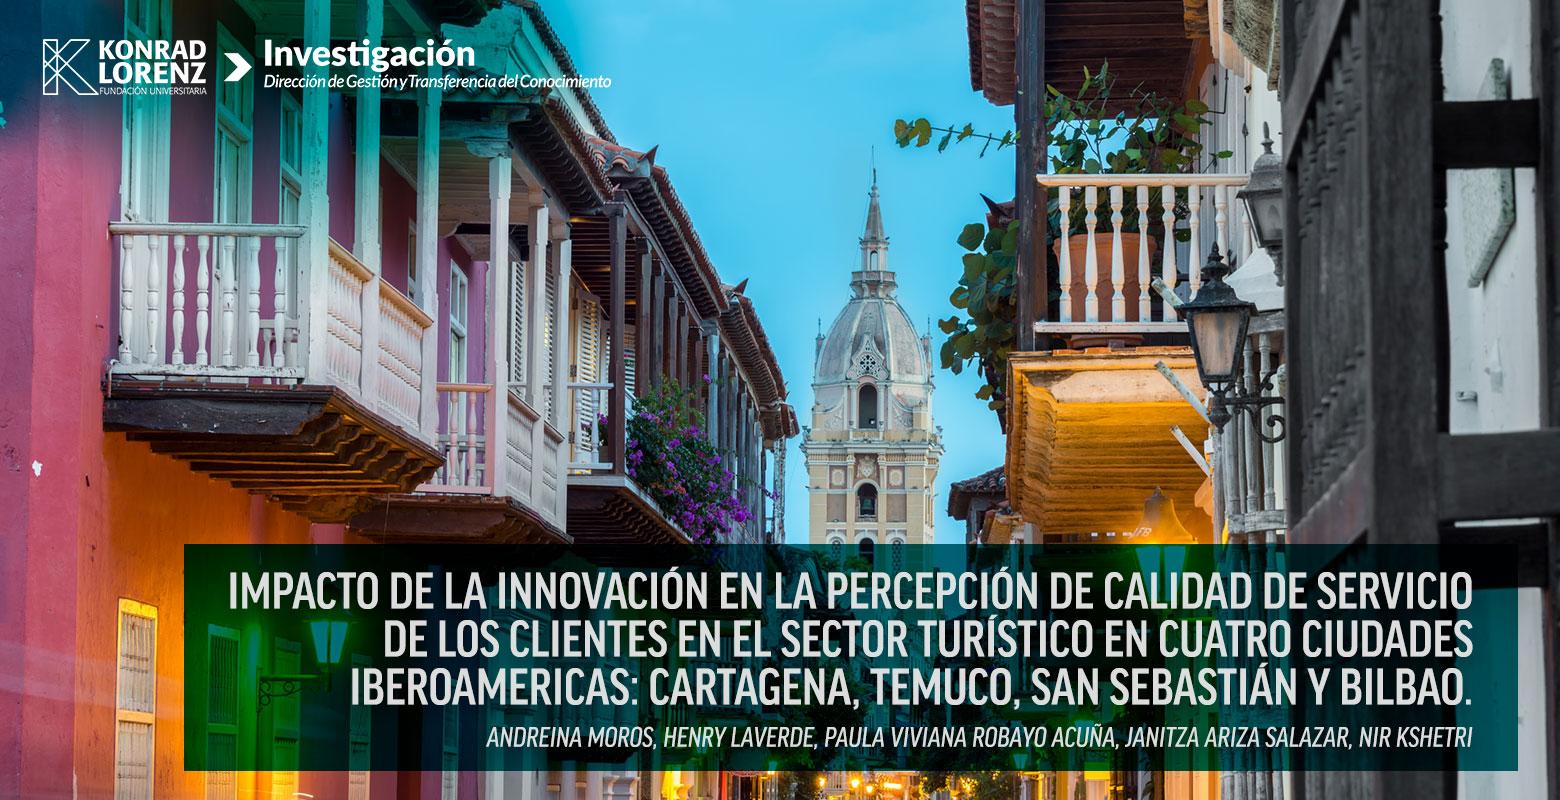 Impacto de la innovación en la percepción de calidad de servicio de los clientes en el sector turístico en cuatro ciudades iberoamericas: Cartagena, Temuco, San Sebastián y Bilbao